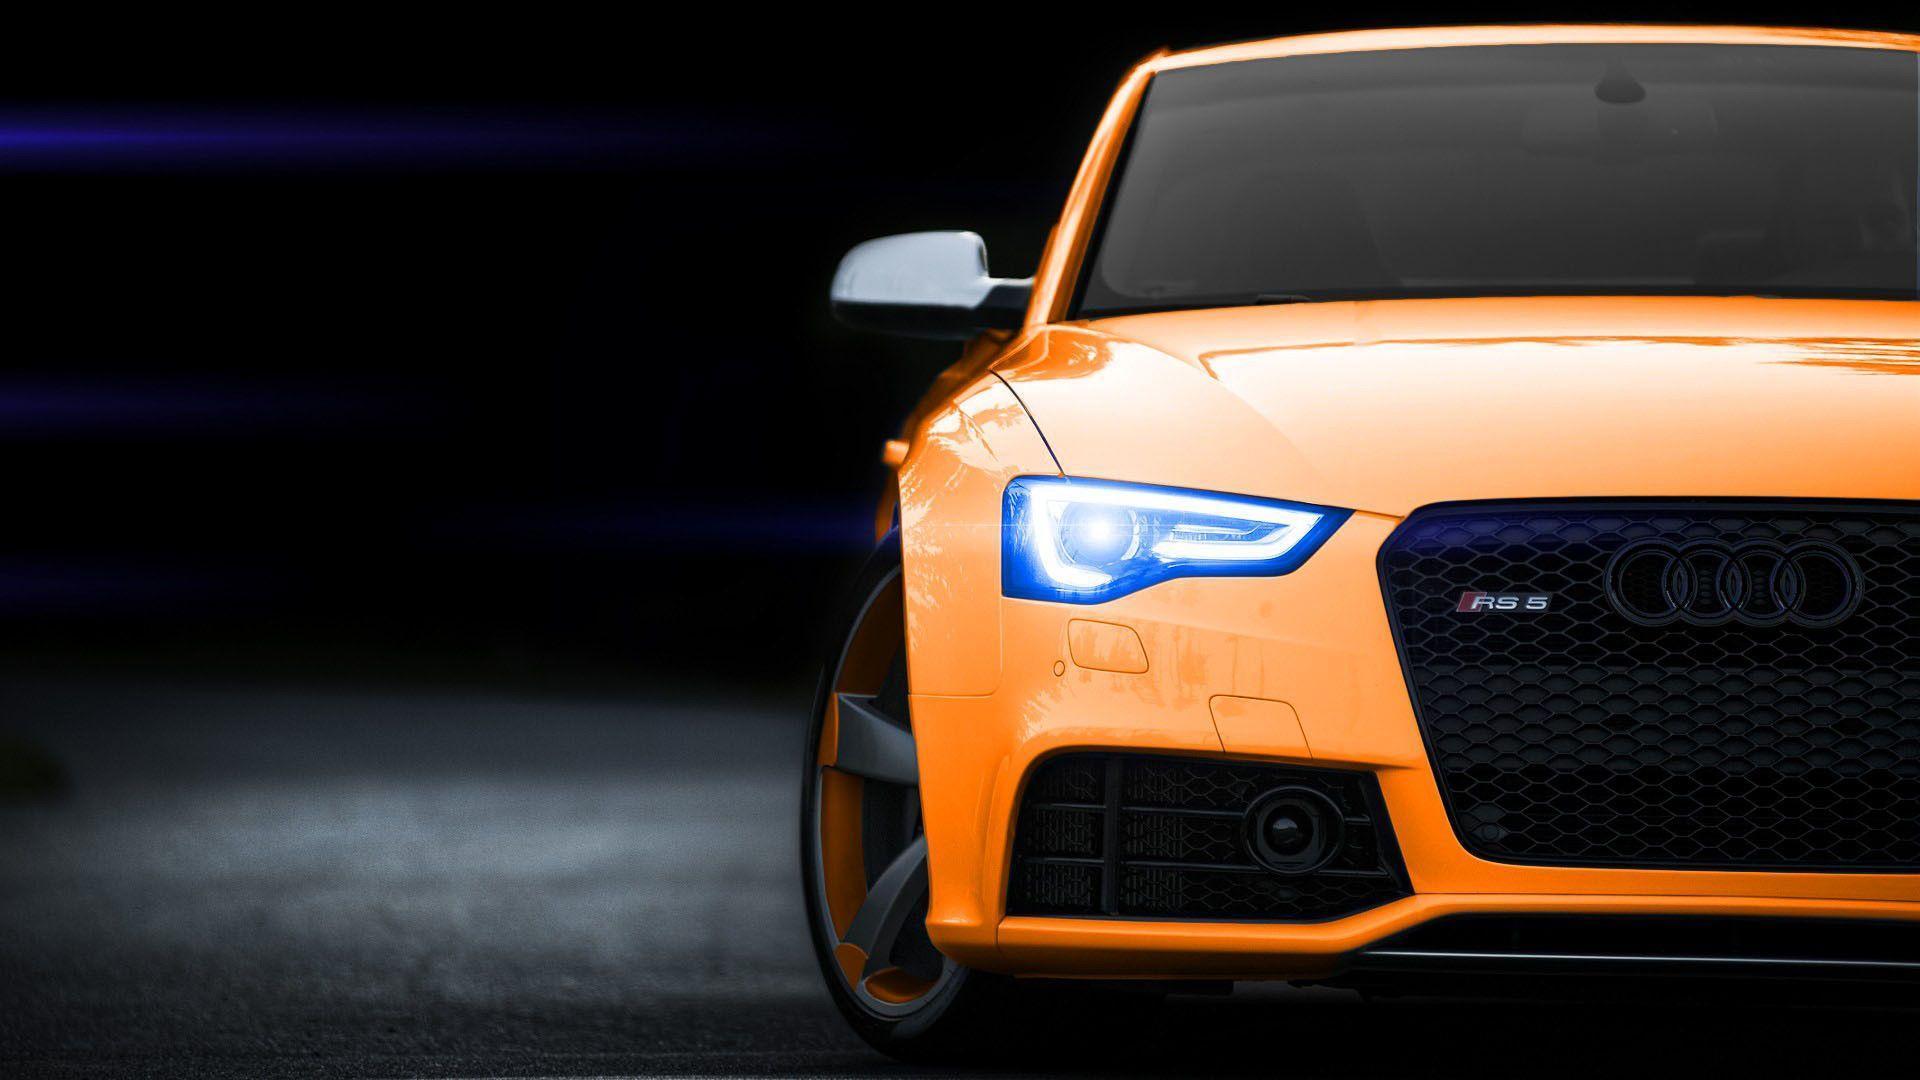 Audi Cars Wallpapers Wallpaper Cave